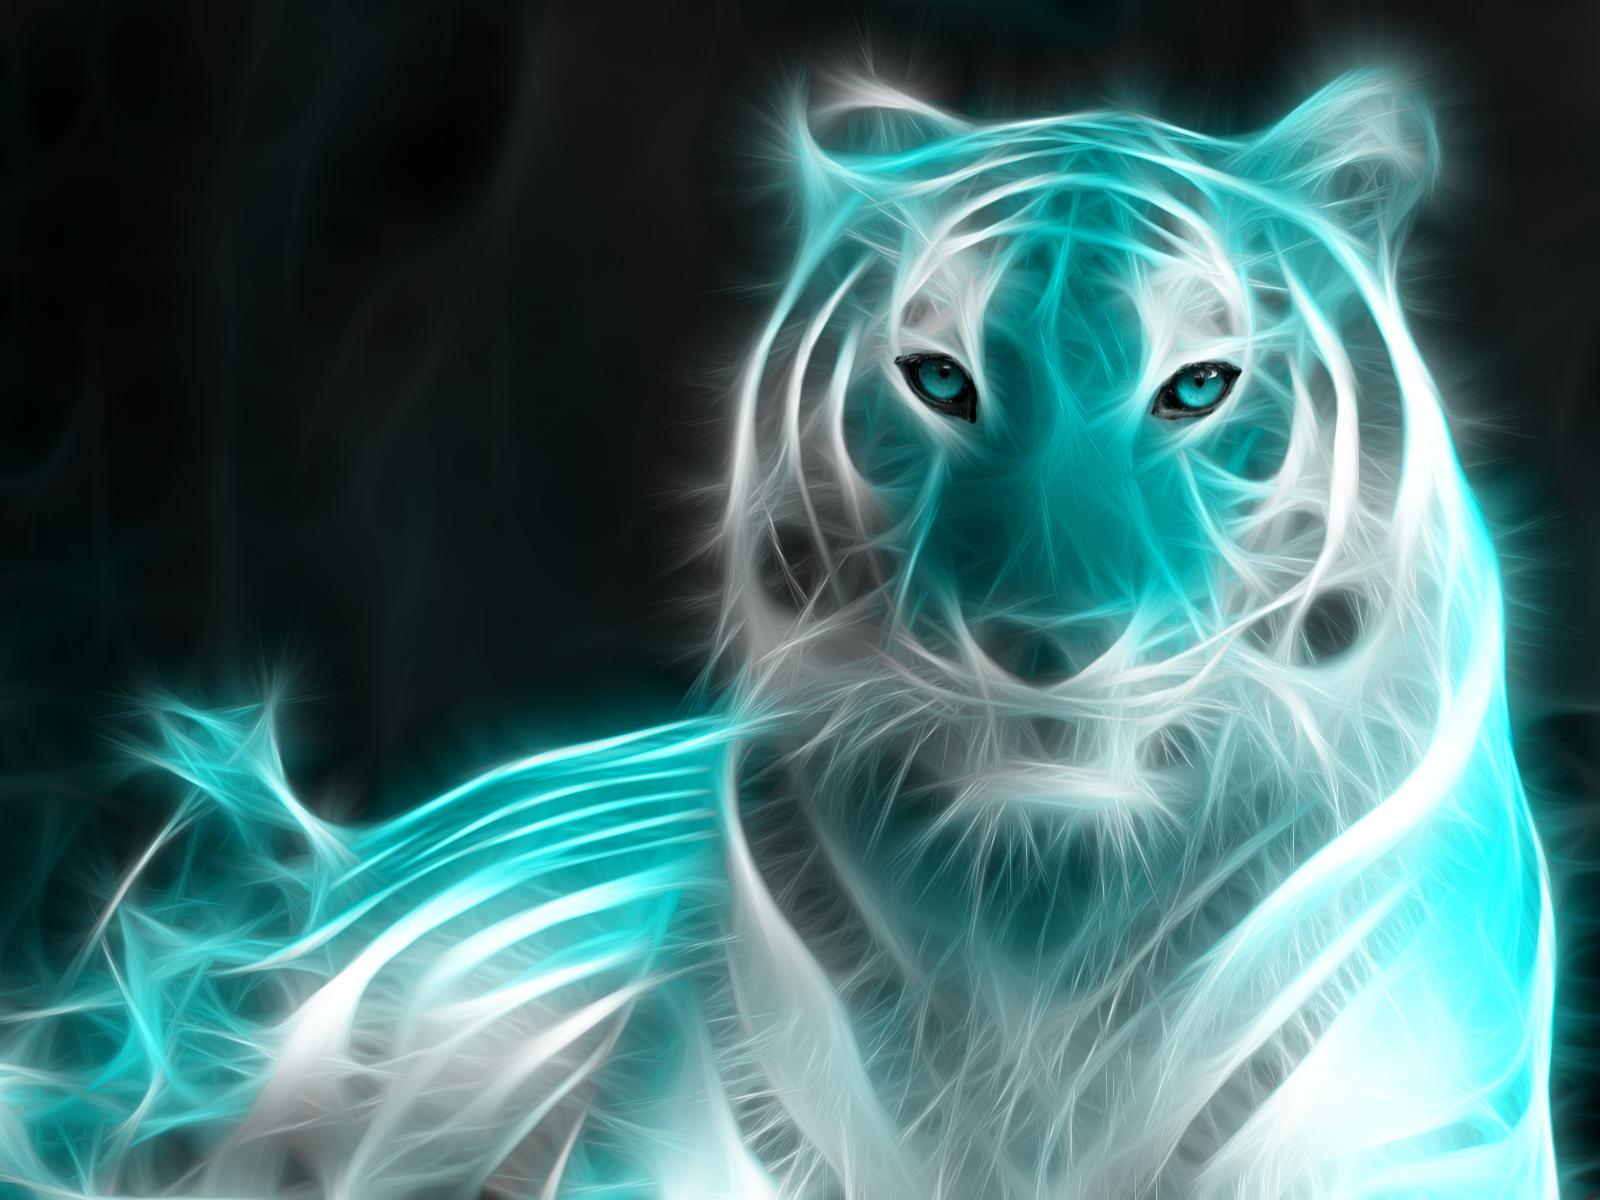 Light animal fractle effect by mint spinner on deviantart - Cool animal wallpaper light ...